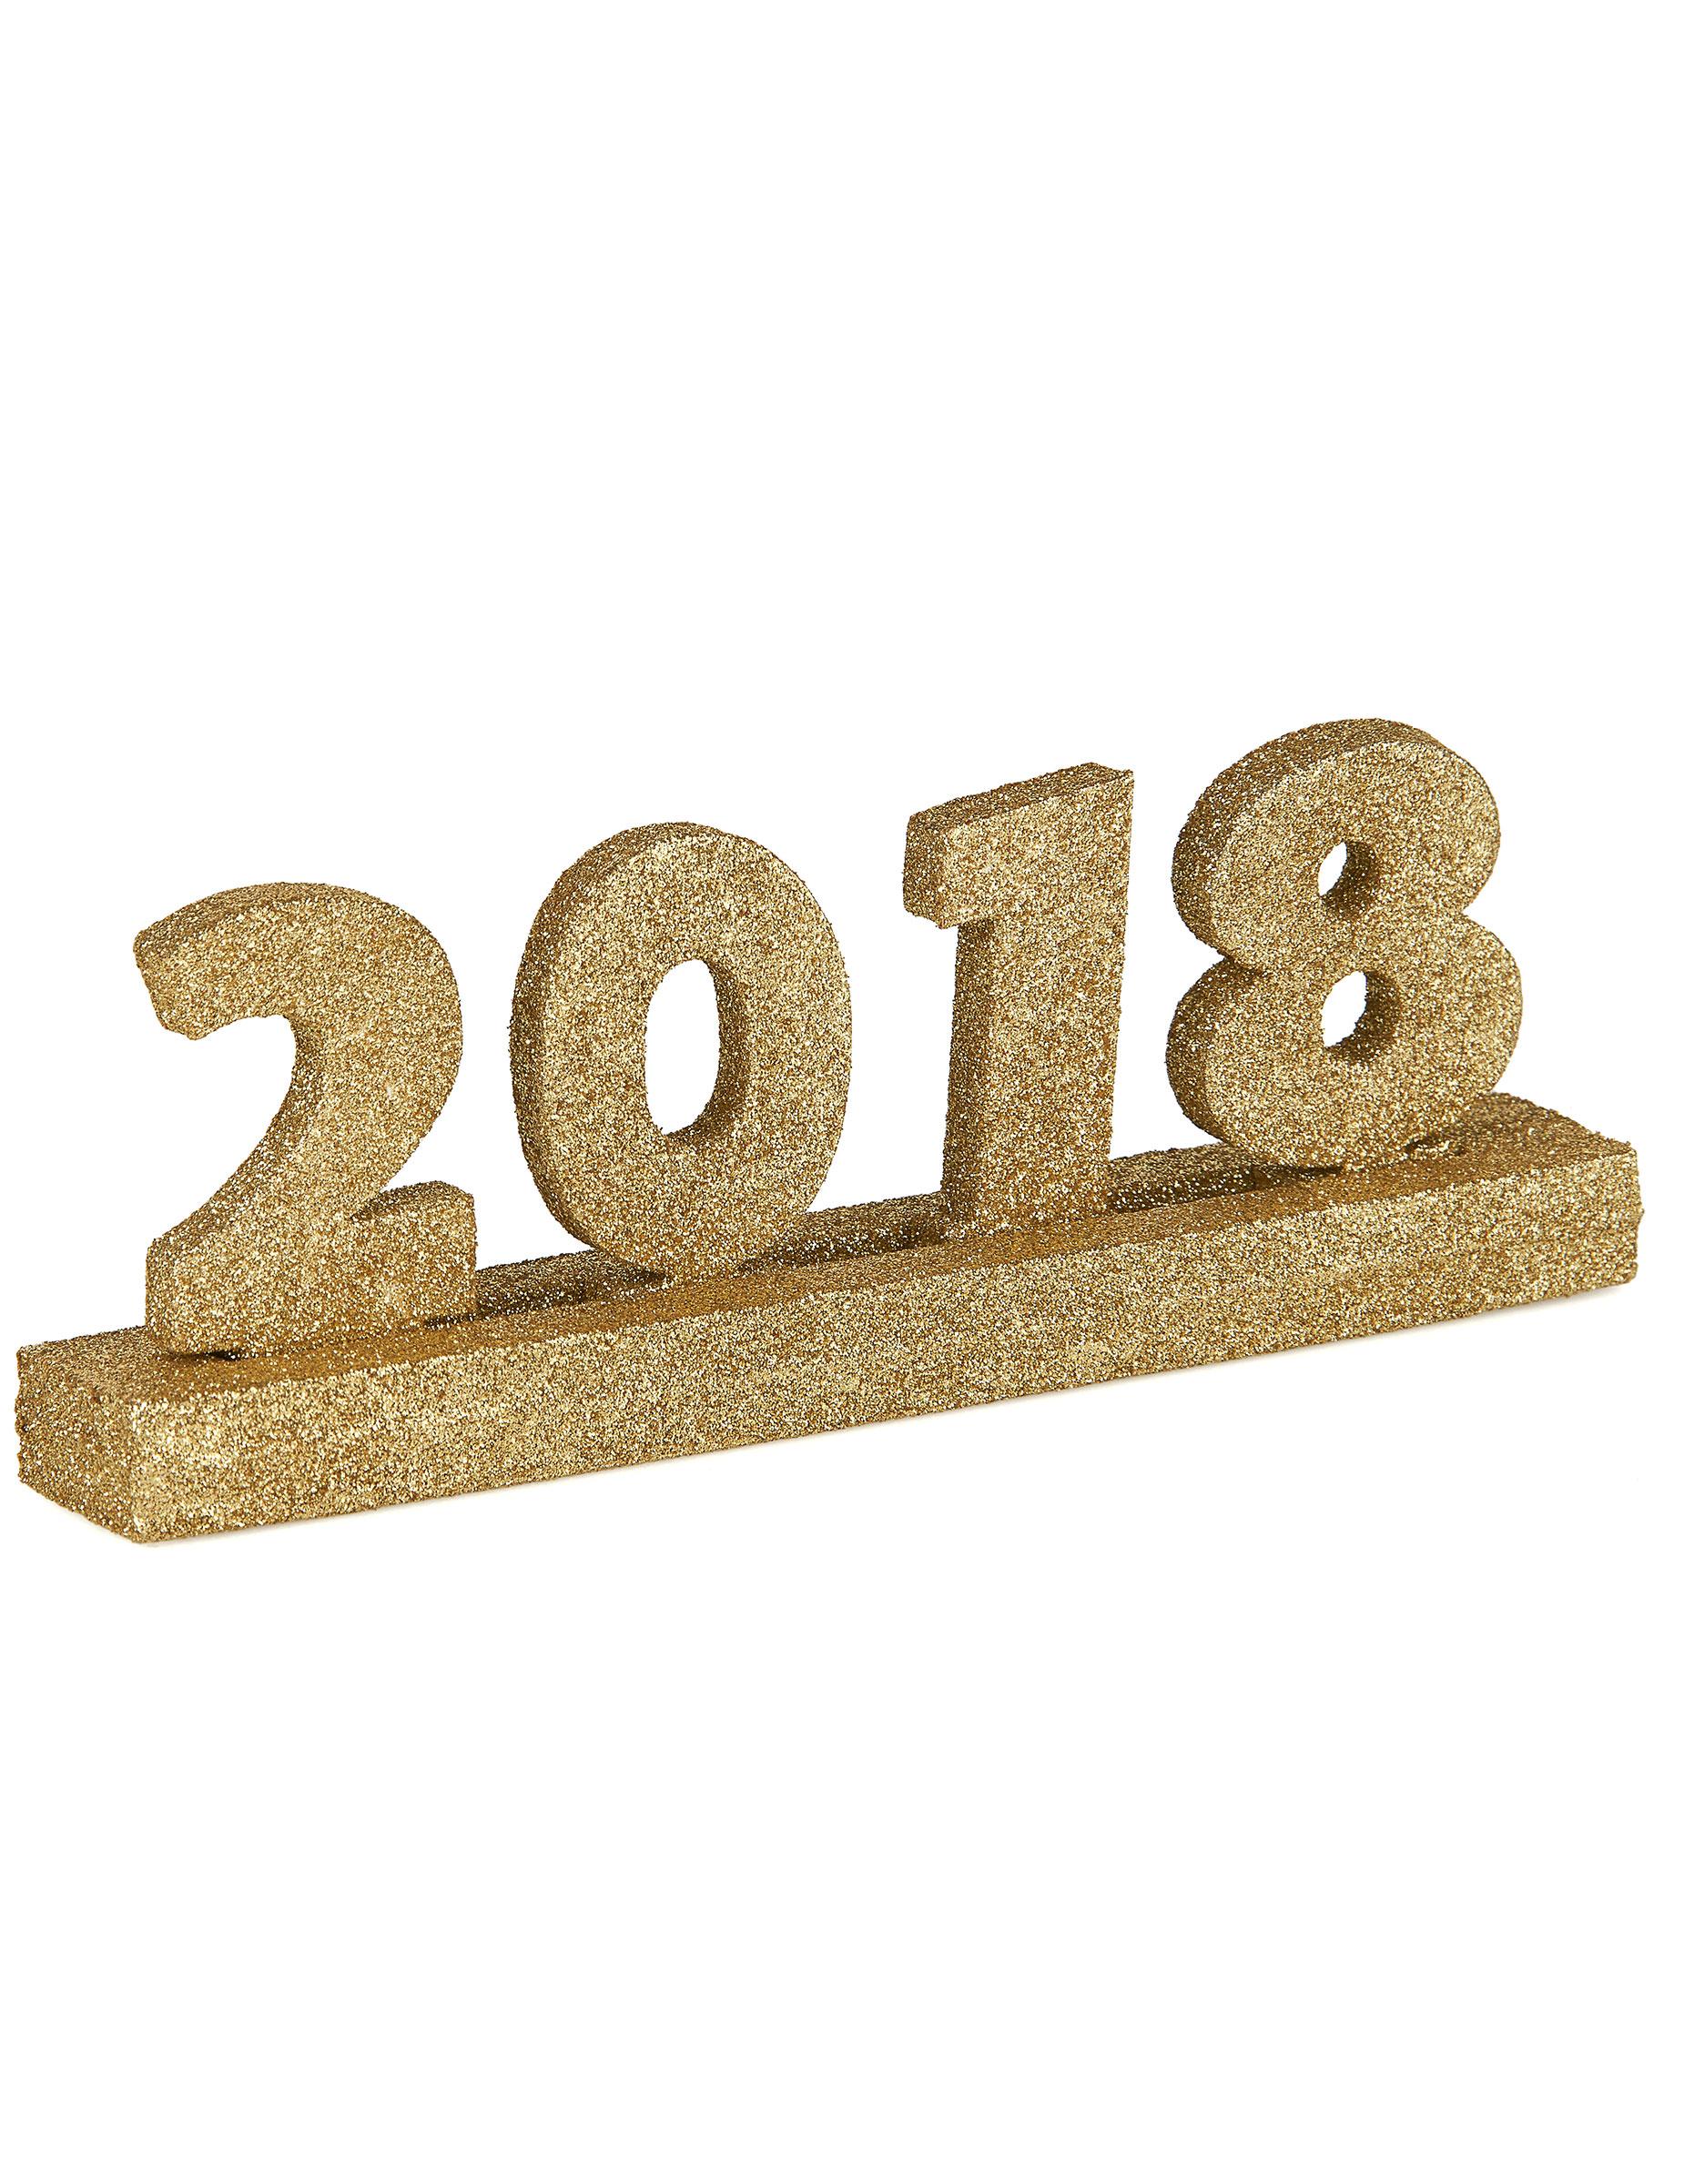 D coration chiffres ann e 2018 nouvel an 20 x 3 x 7 cm for Decoration nouvel an 2018